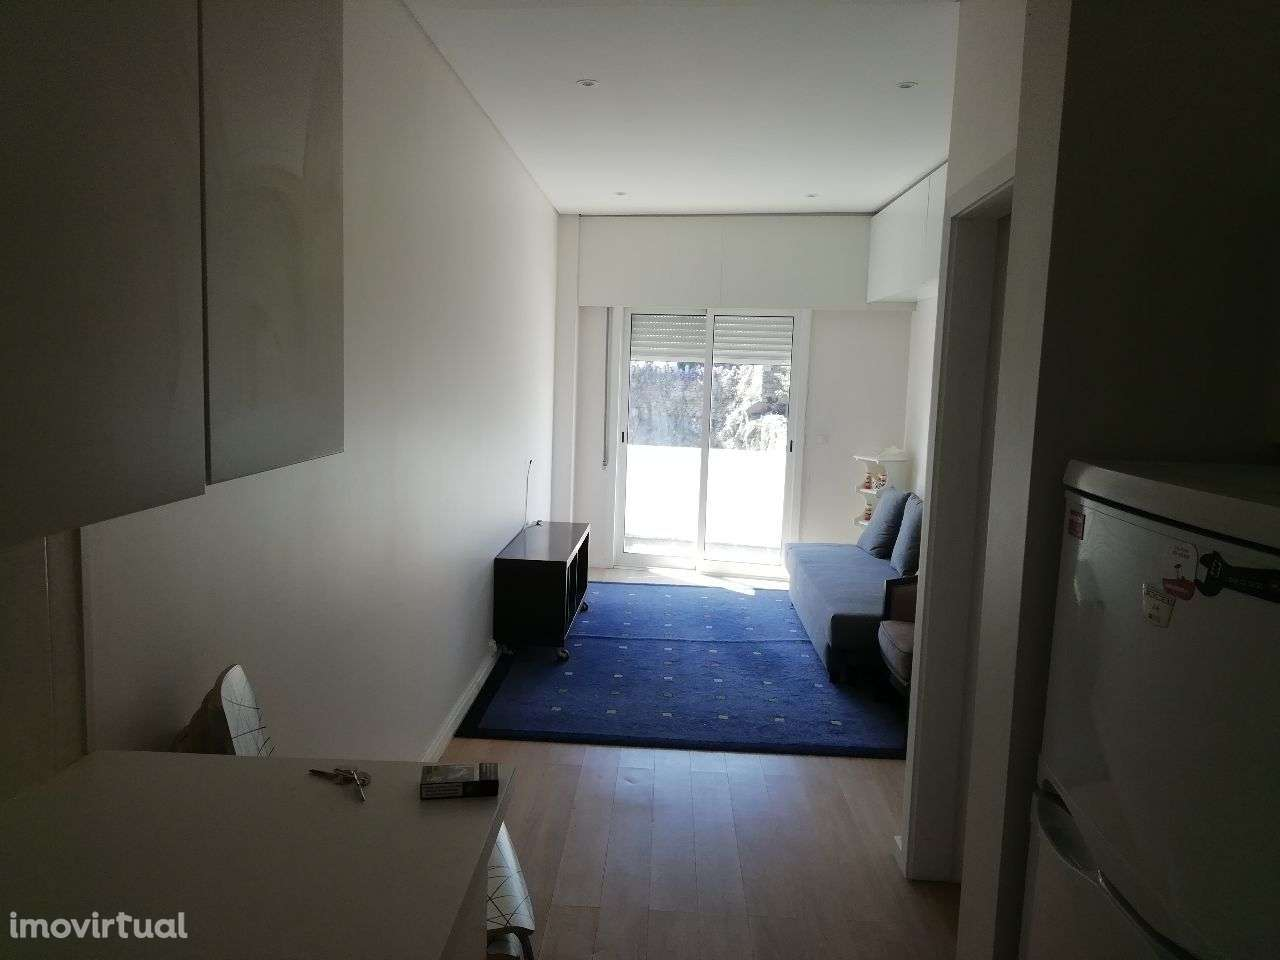 Apartamento para arrendar, Cedofeita, Santo Ildefonso, Sé, Miragaia, São Nicolau e Vitória, Porto - Foto 2